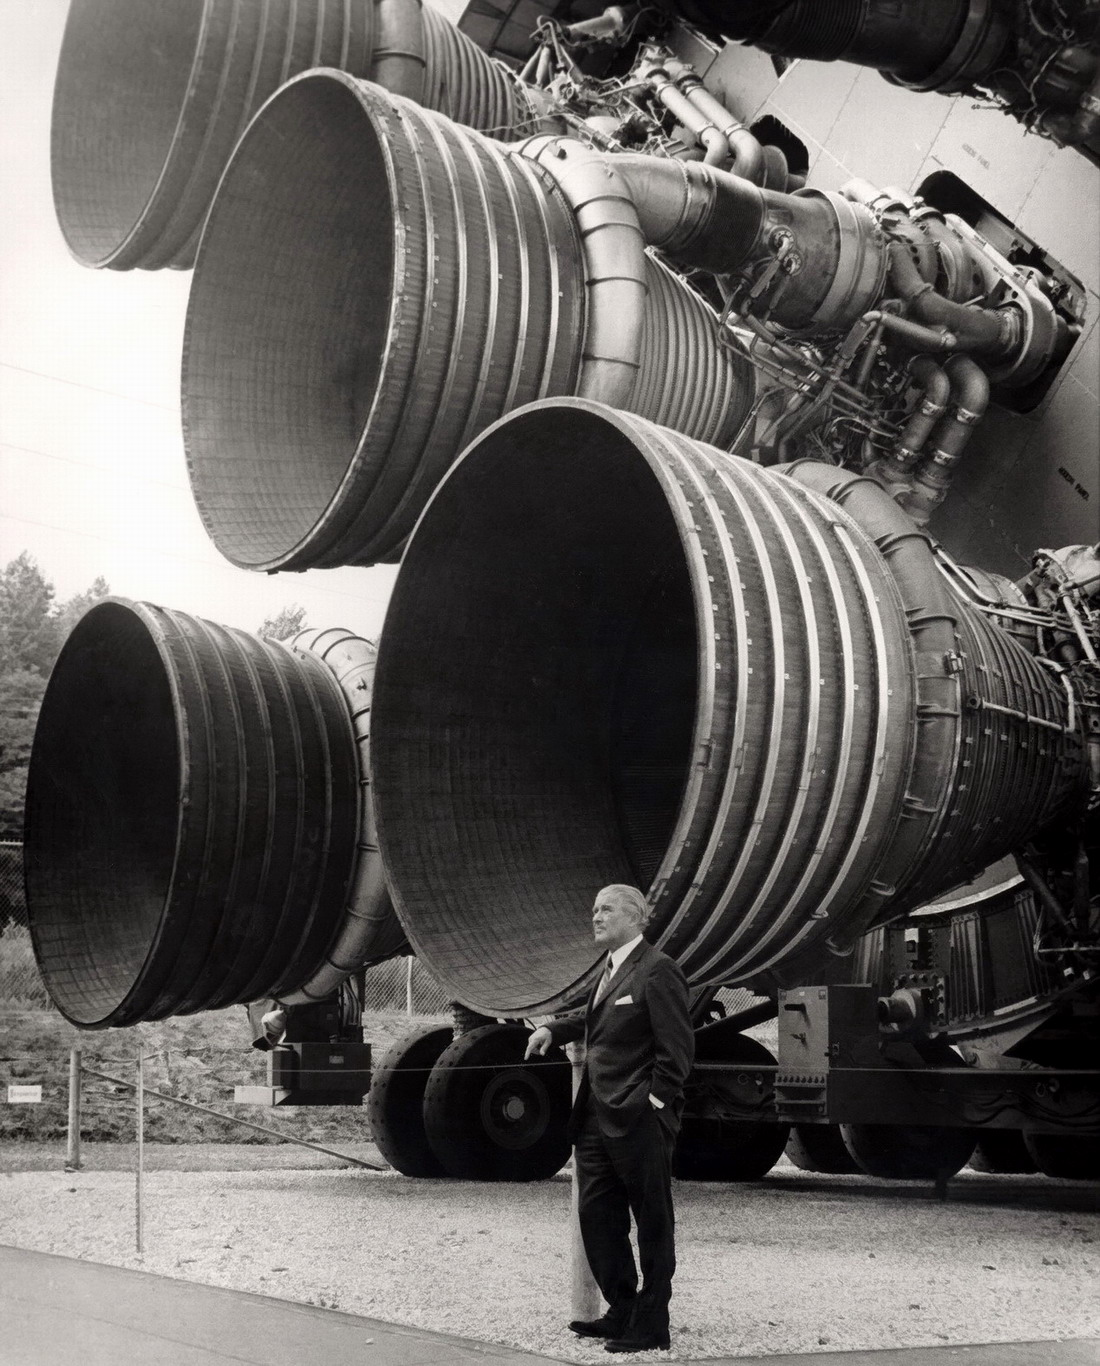 Ракетно-космическая отрасль является гордостью Украины, - Гройсман - Цензор.НЕТ 9851